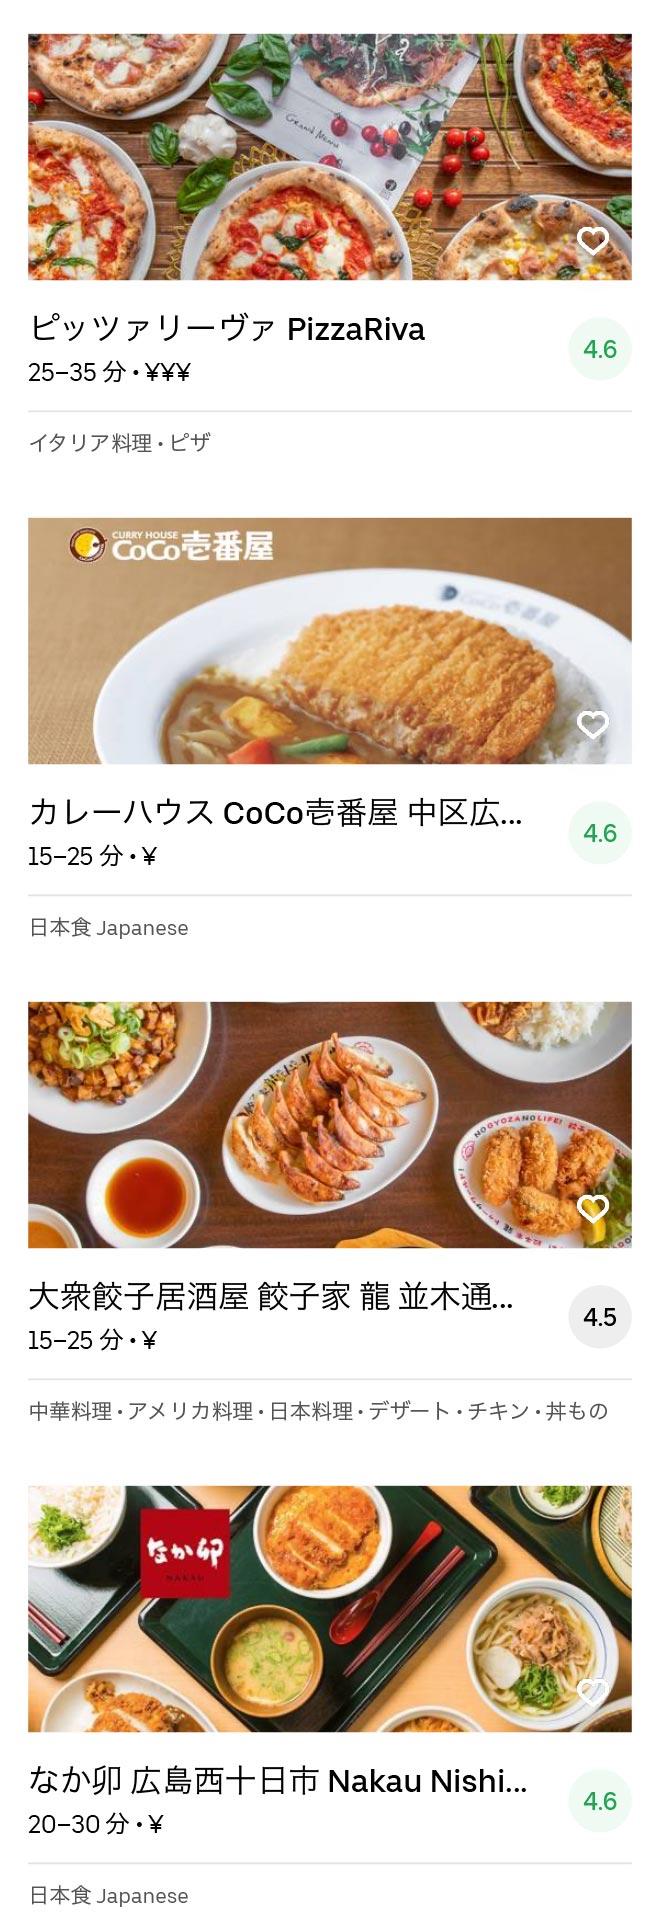 Hiroshima menu 2005 10